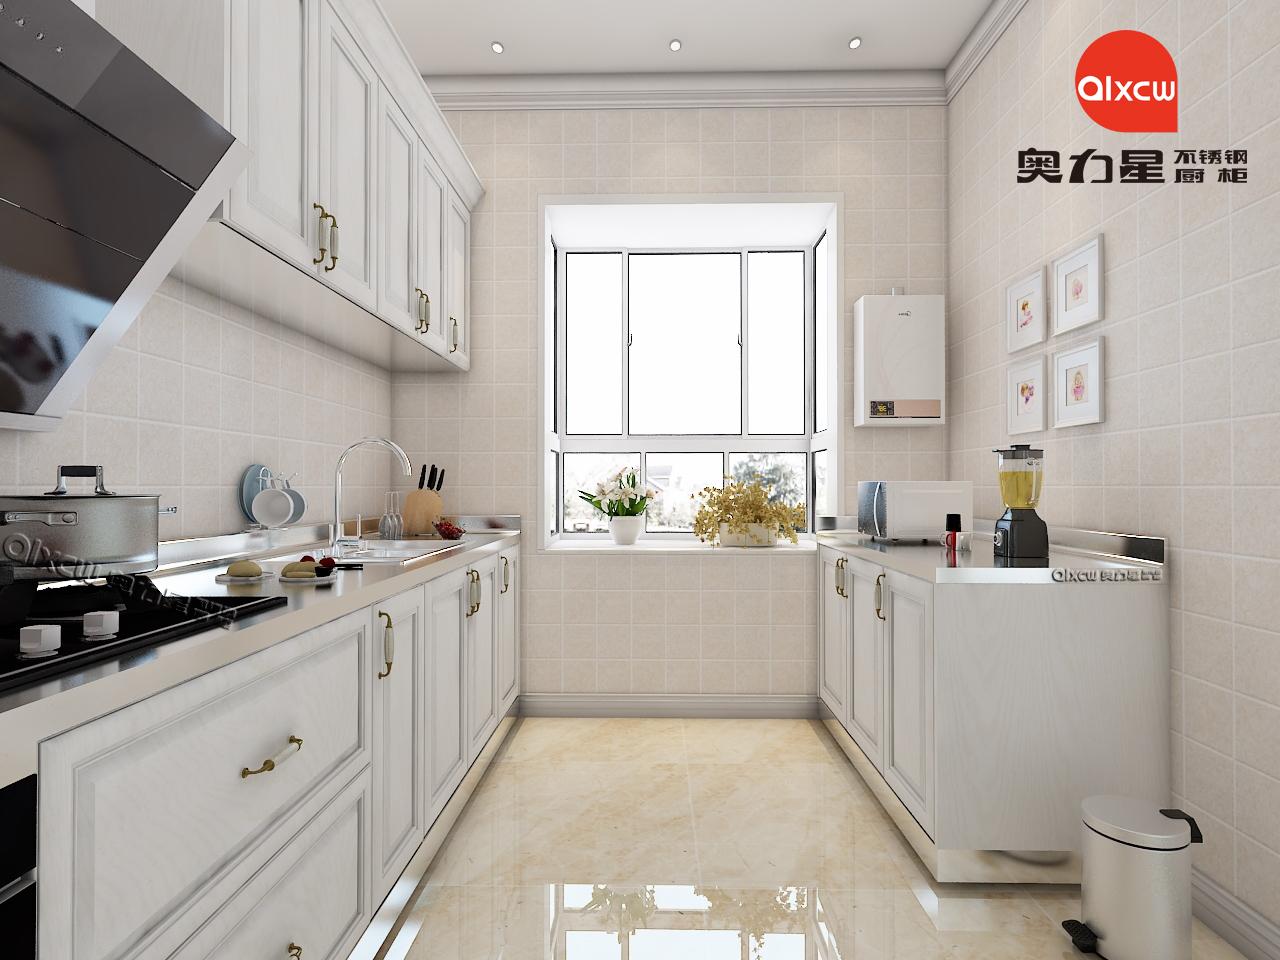 欧式厨房不锈钢橱柜